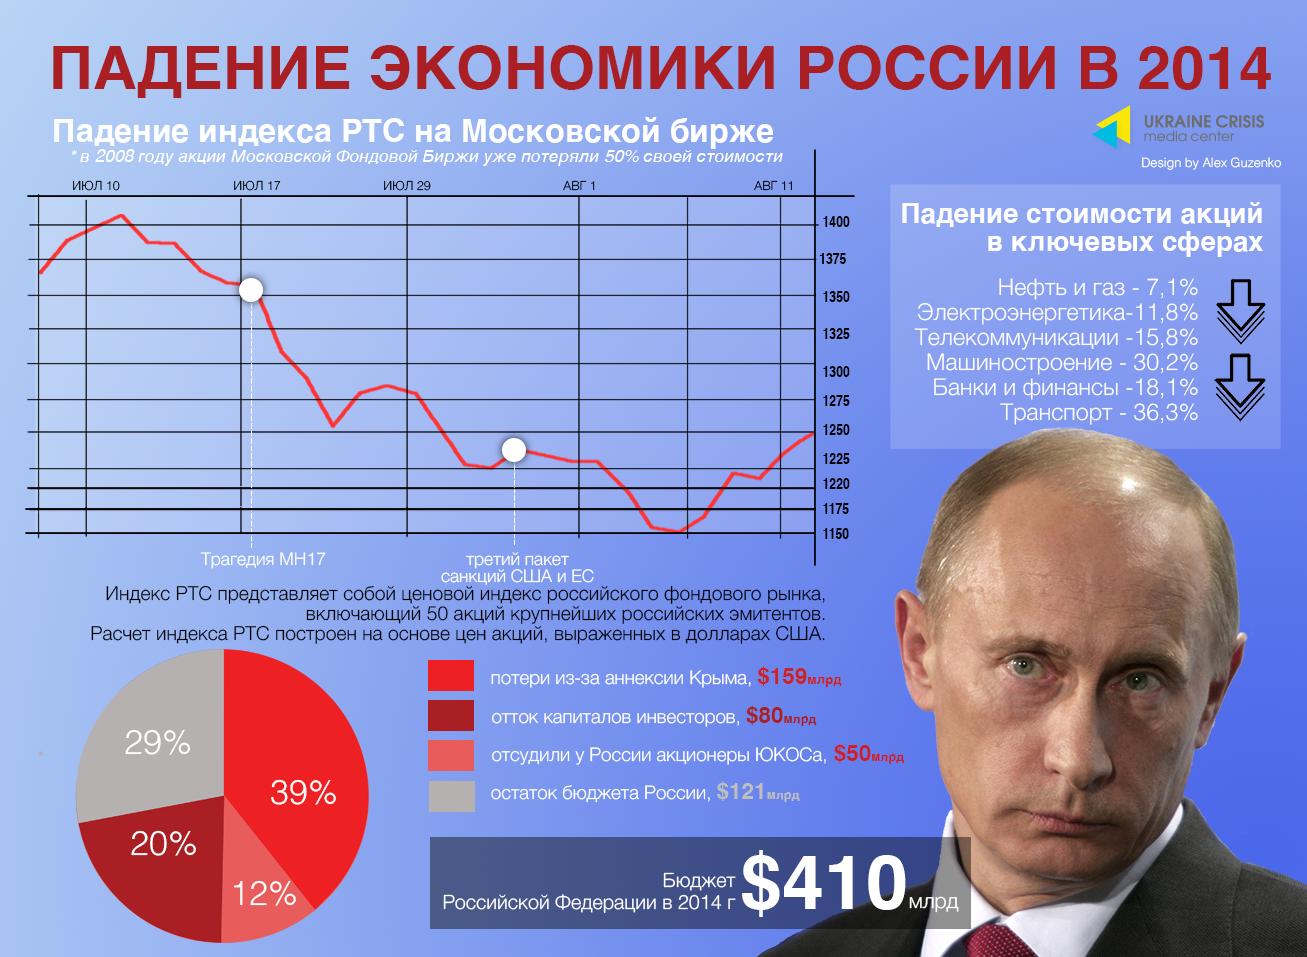 Новые санкции против России будут иметь более широкий эффект: мы не собираемся сидеть и нечего не делать, - Керри - Цензор.НЕТ 5482